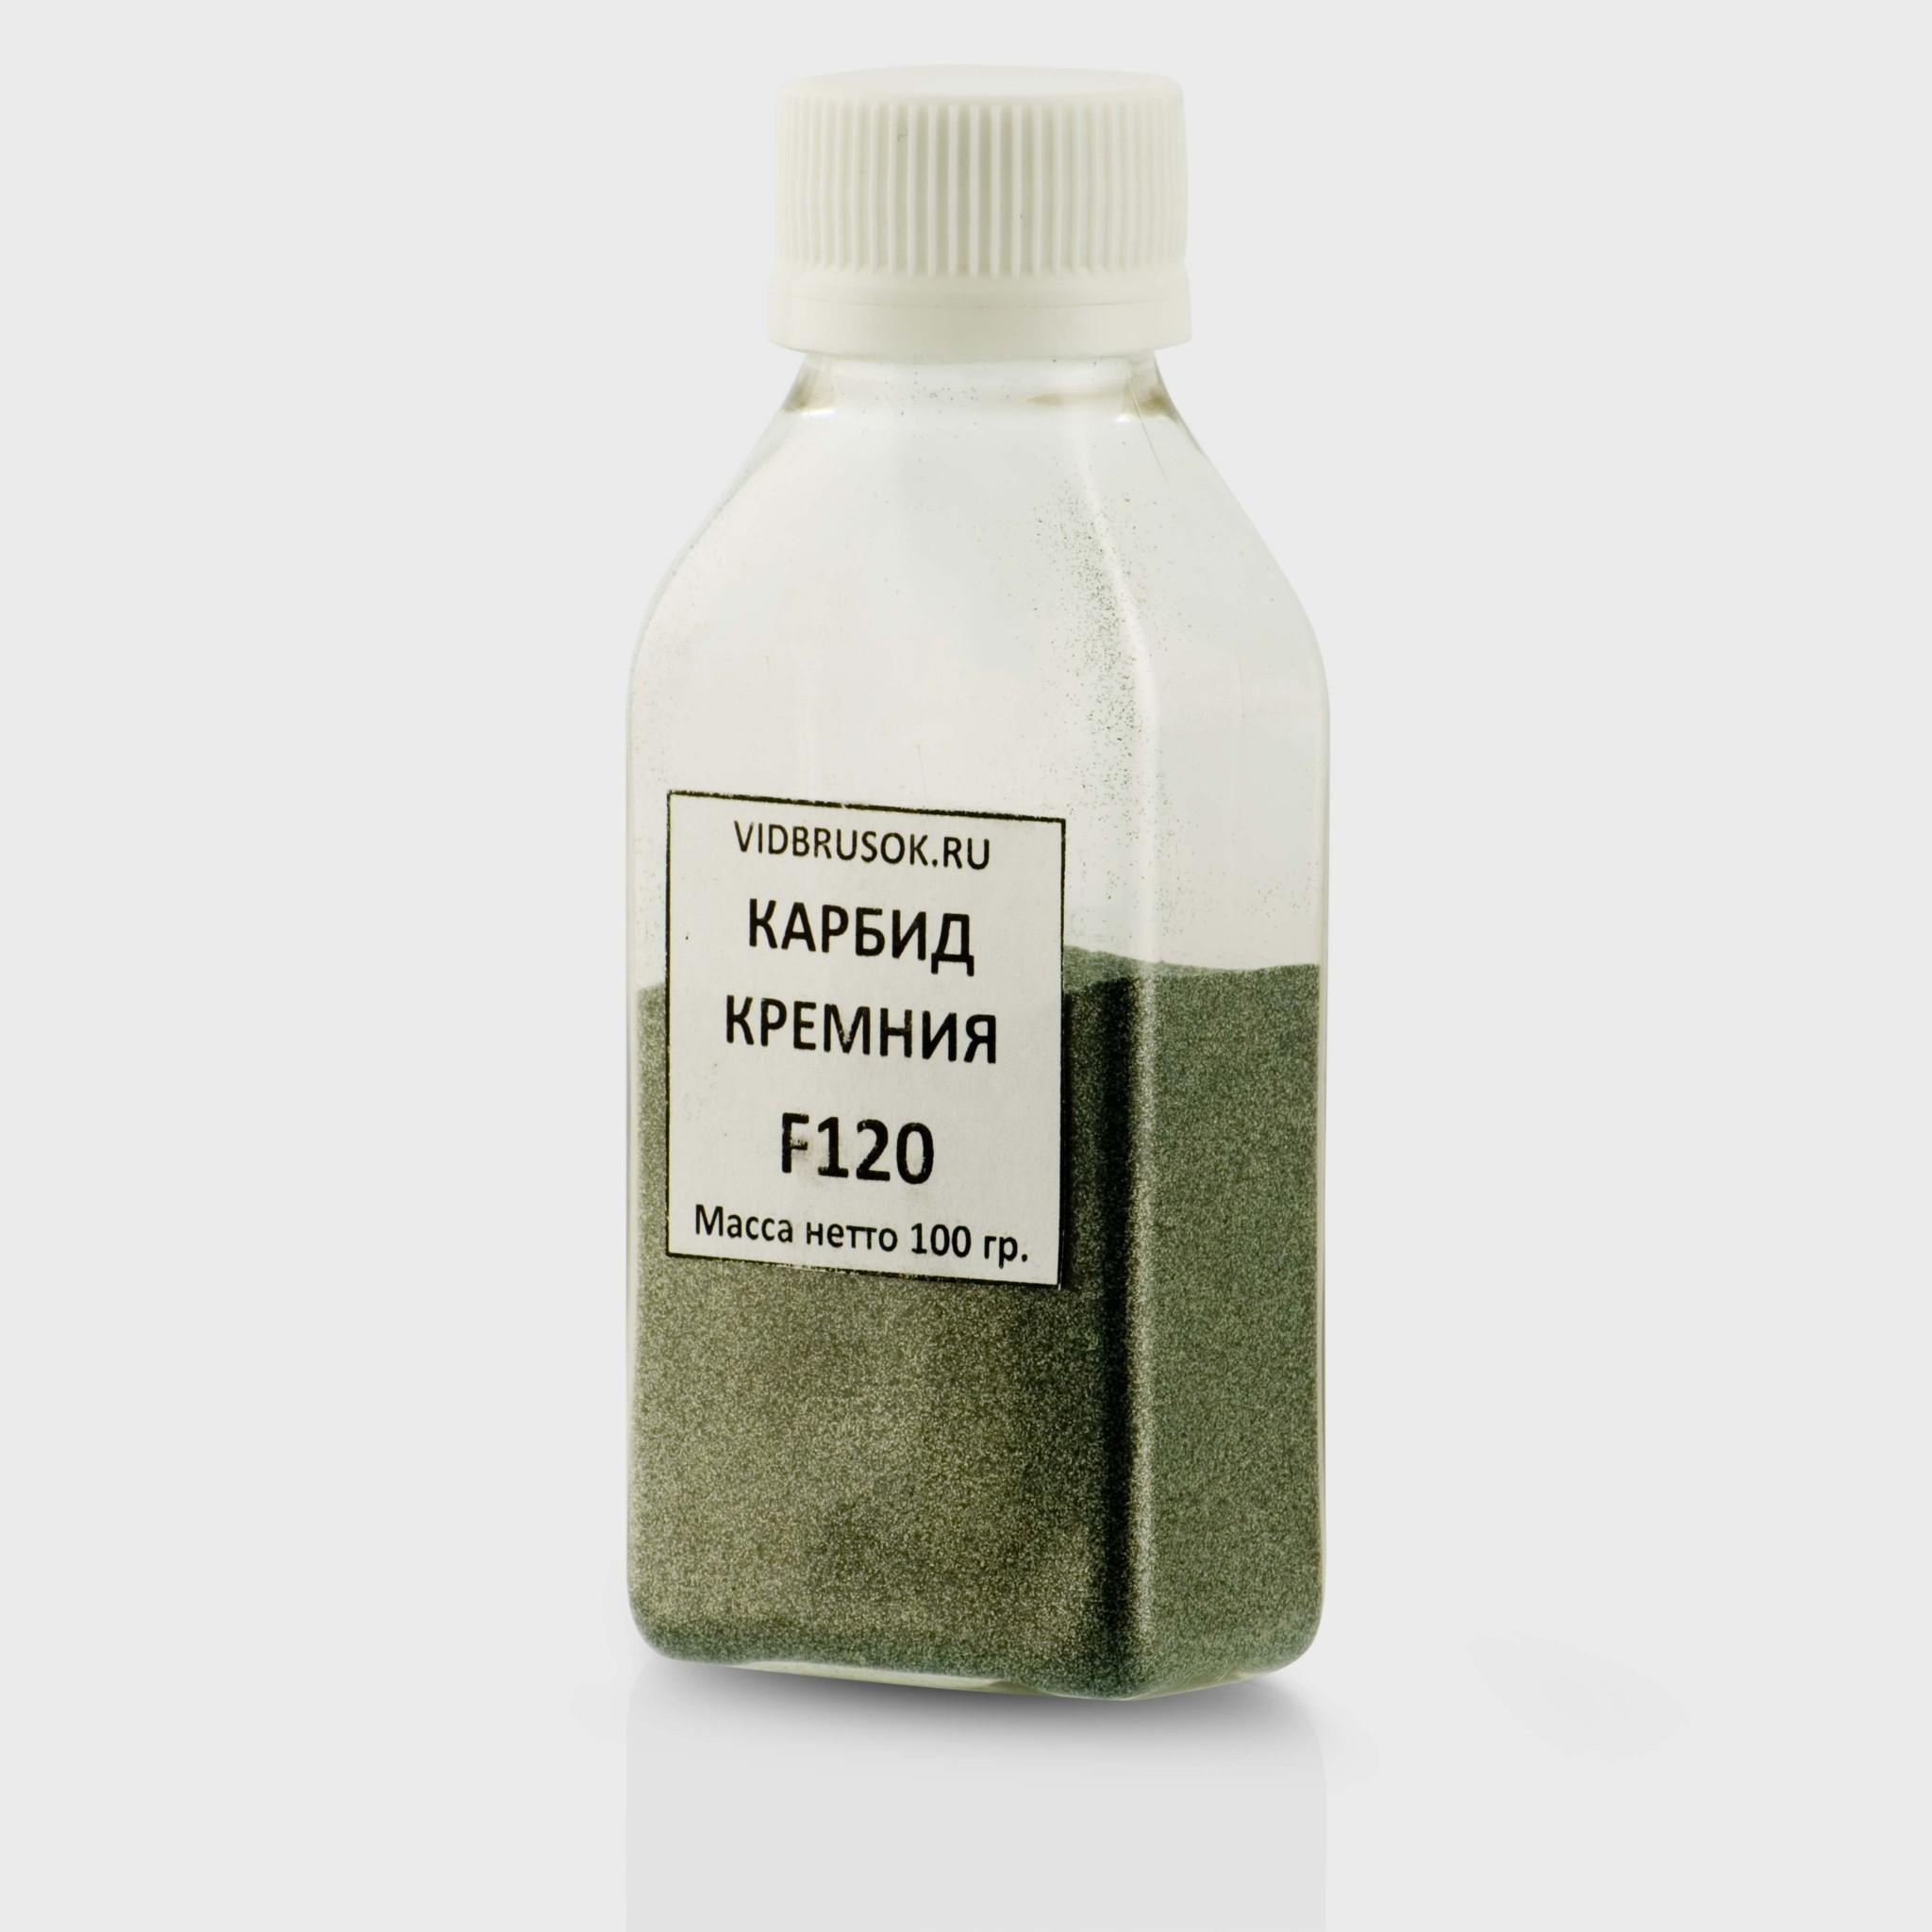 Карбид кремния Карбид кремния F60-70 100 гр. КК120.jpg